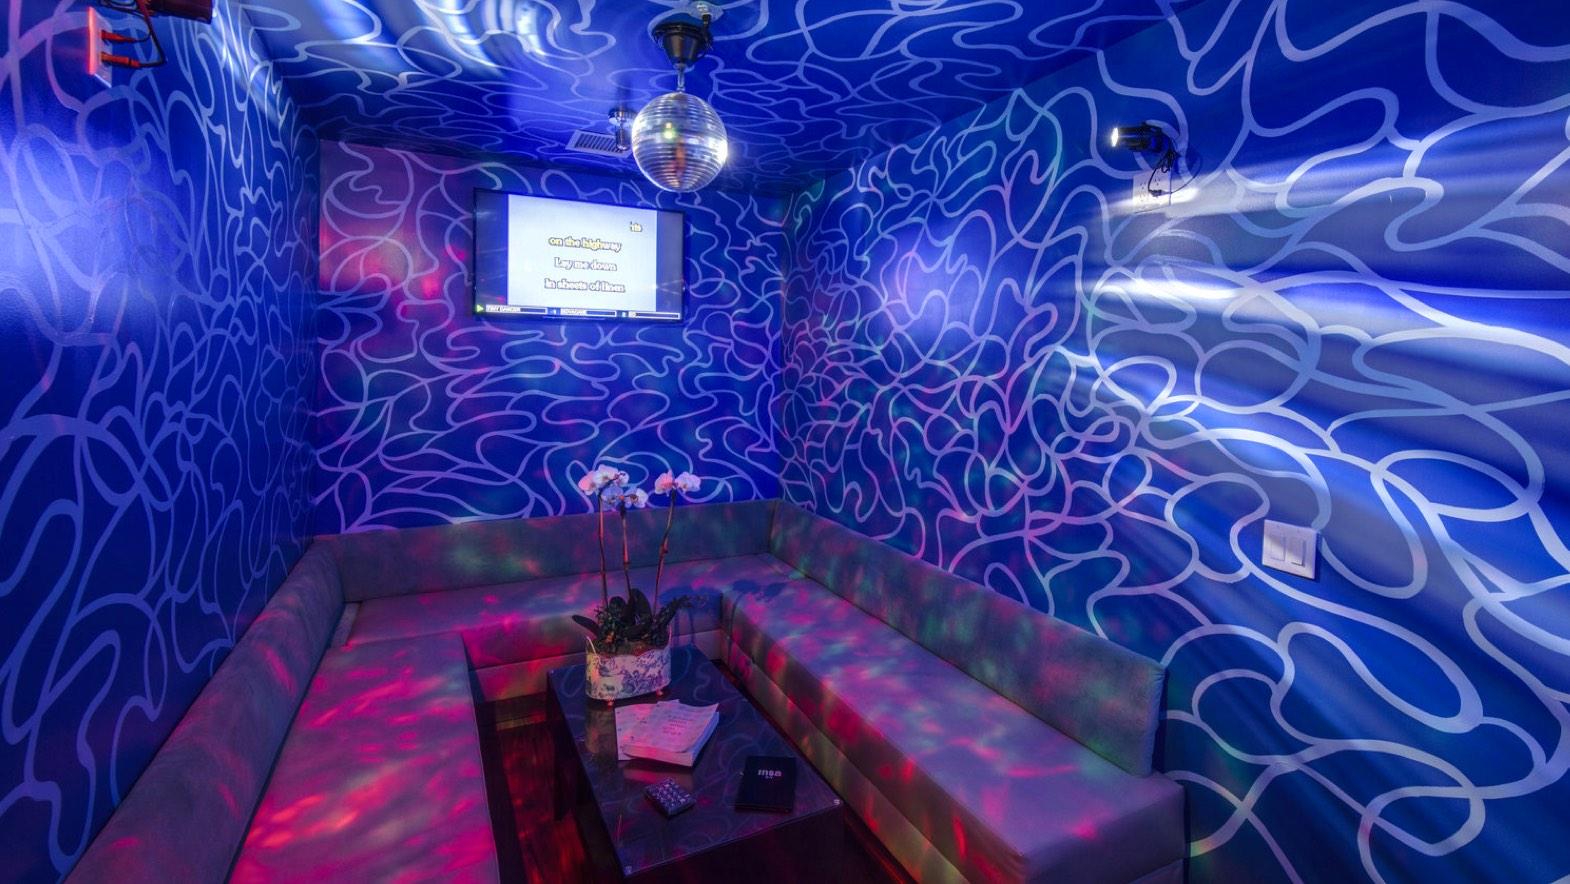 image_karaoke-room-02.jpg